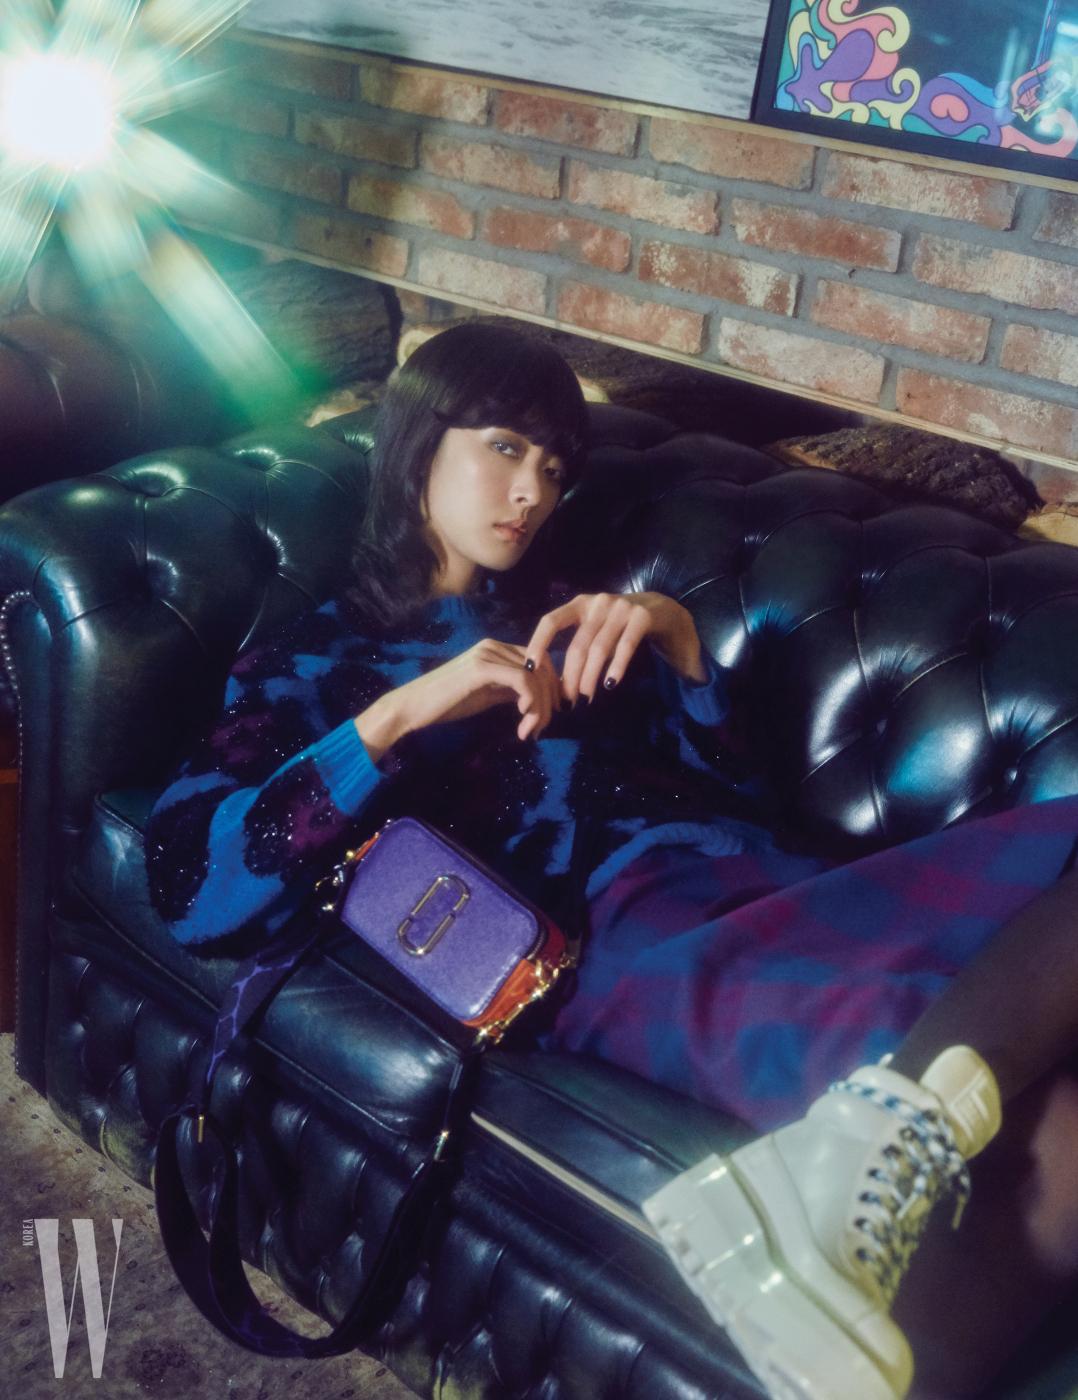 볼드한 레오퍼드 자카드 니트, 체크무늬 스커트, 컬러 블록 카메라 백과 화이트 레이스업 부츠는 모두 Marc Jacobs 제품.